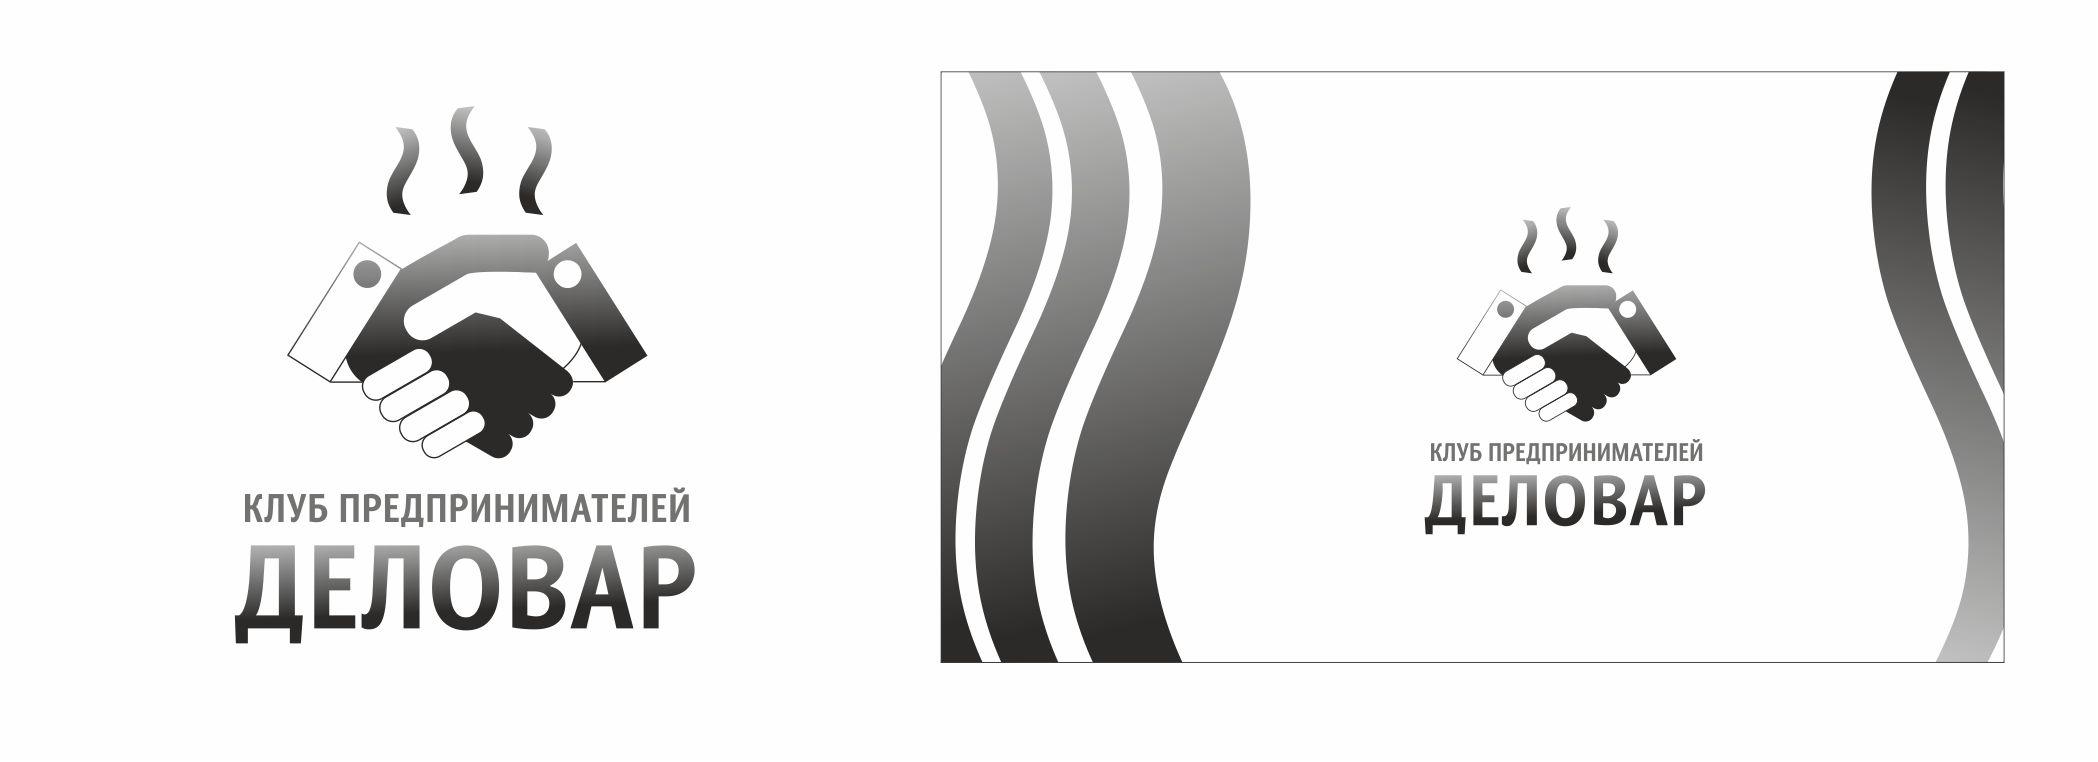 """Логотип и фирм. стиль для Клуба предпринимателей """"Деловар"""" фото f_50466d152766d.jpg"""